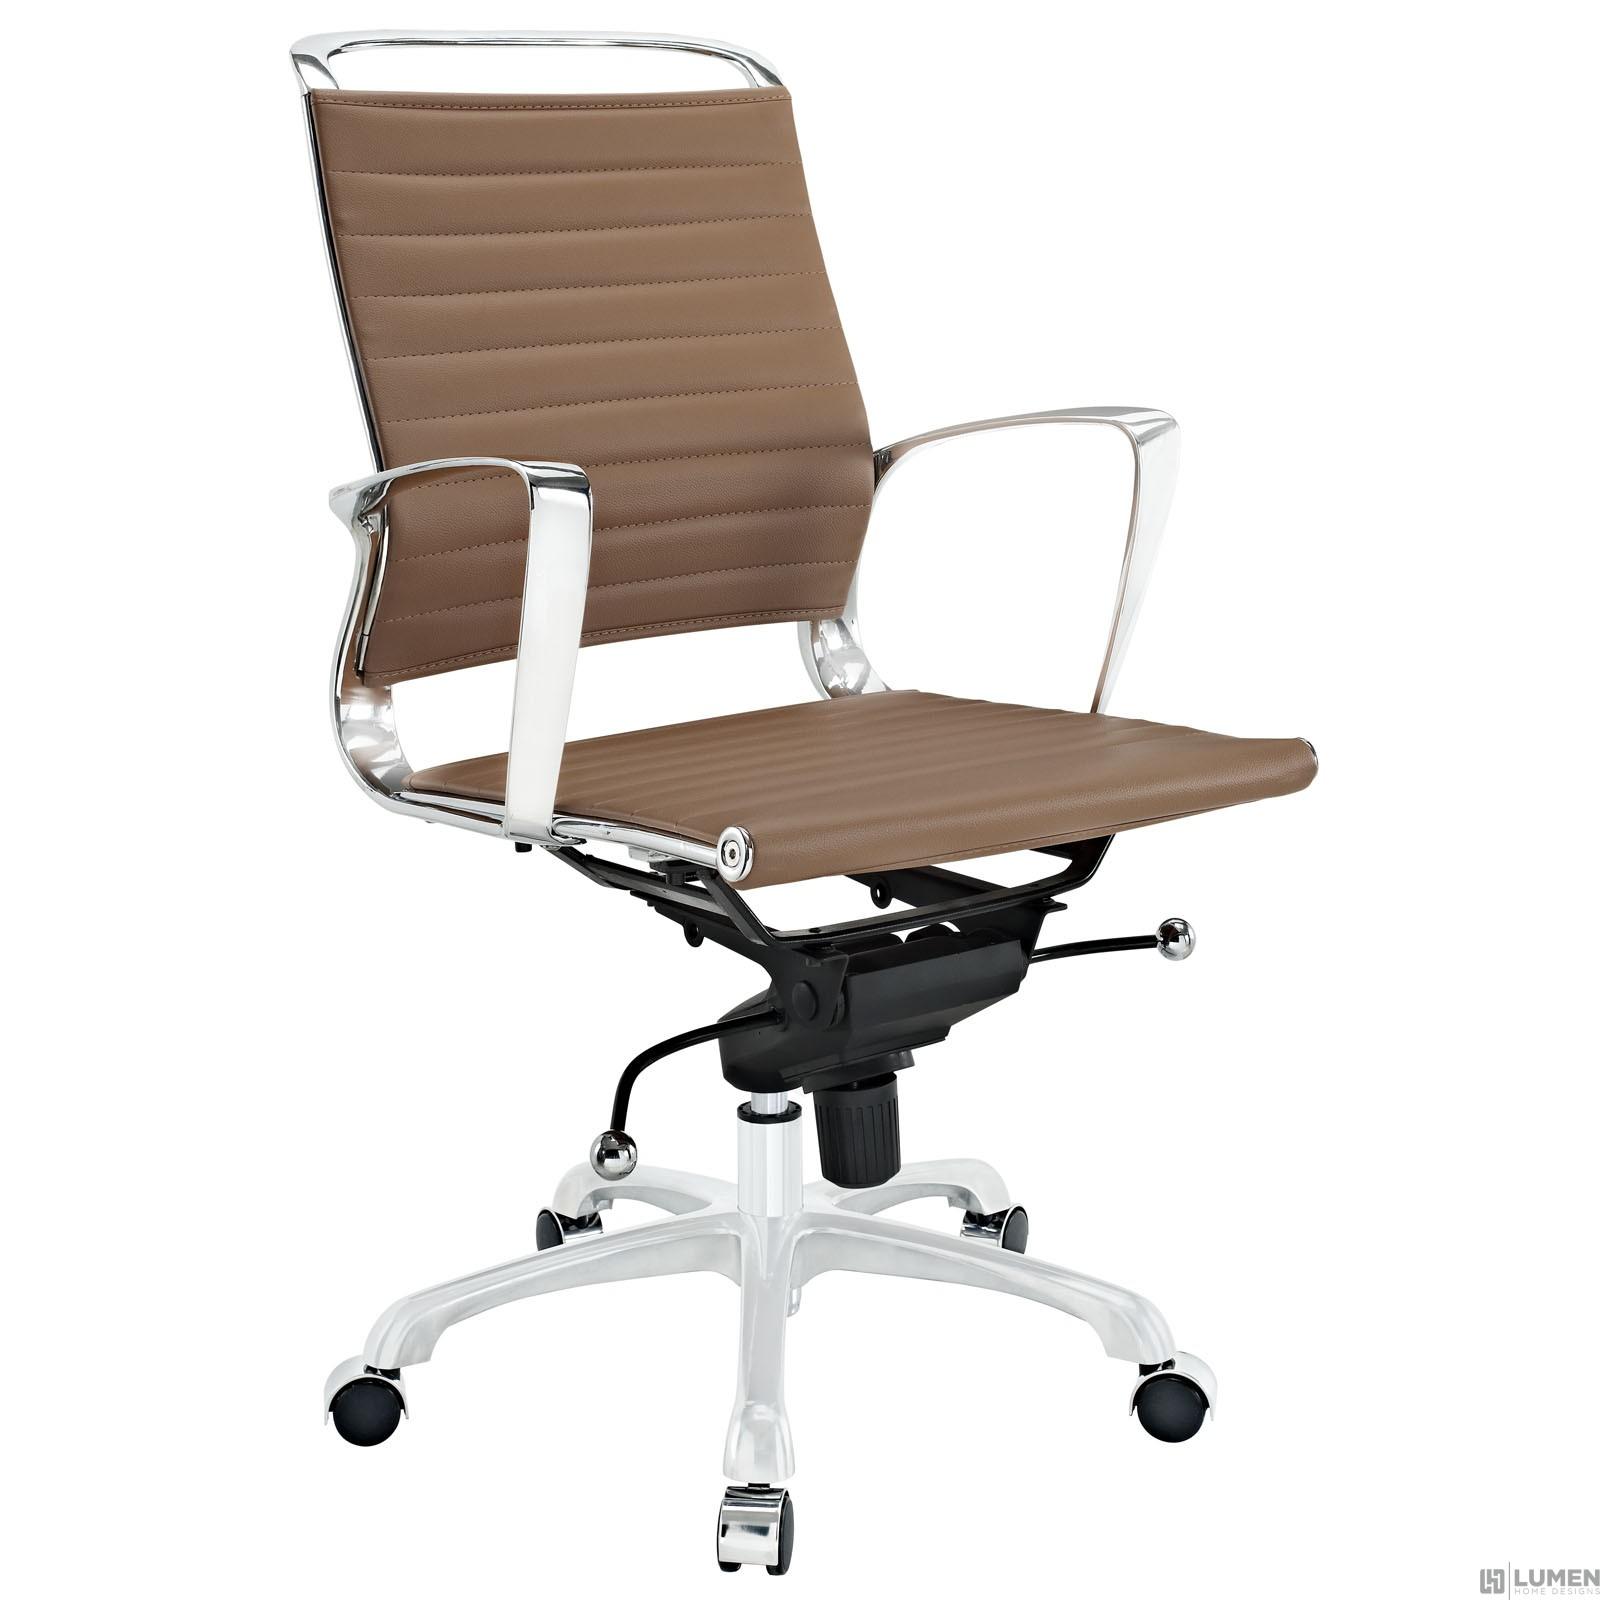 LHD-1026-TAN-Office Chair